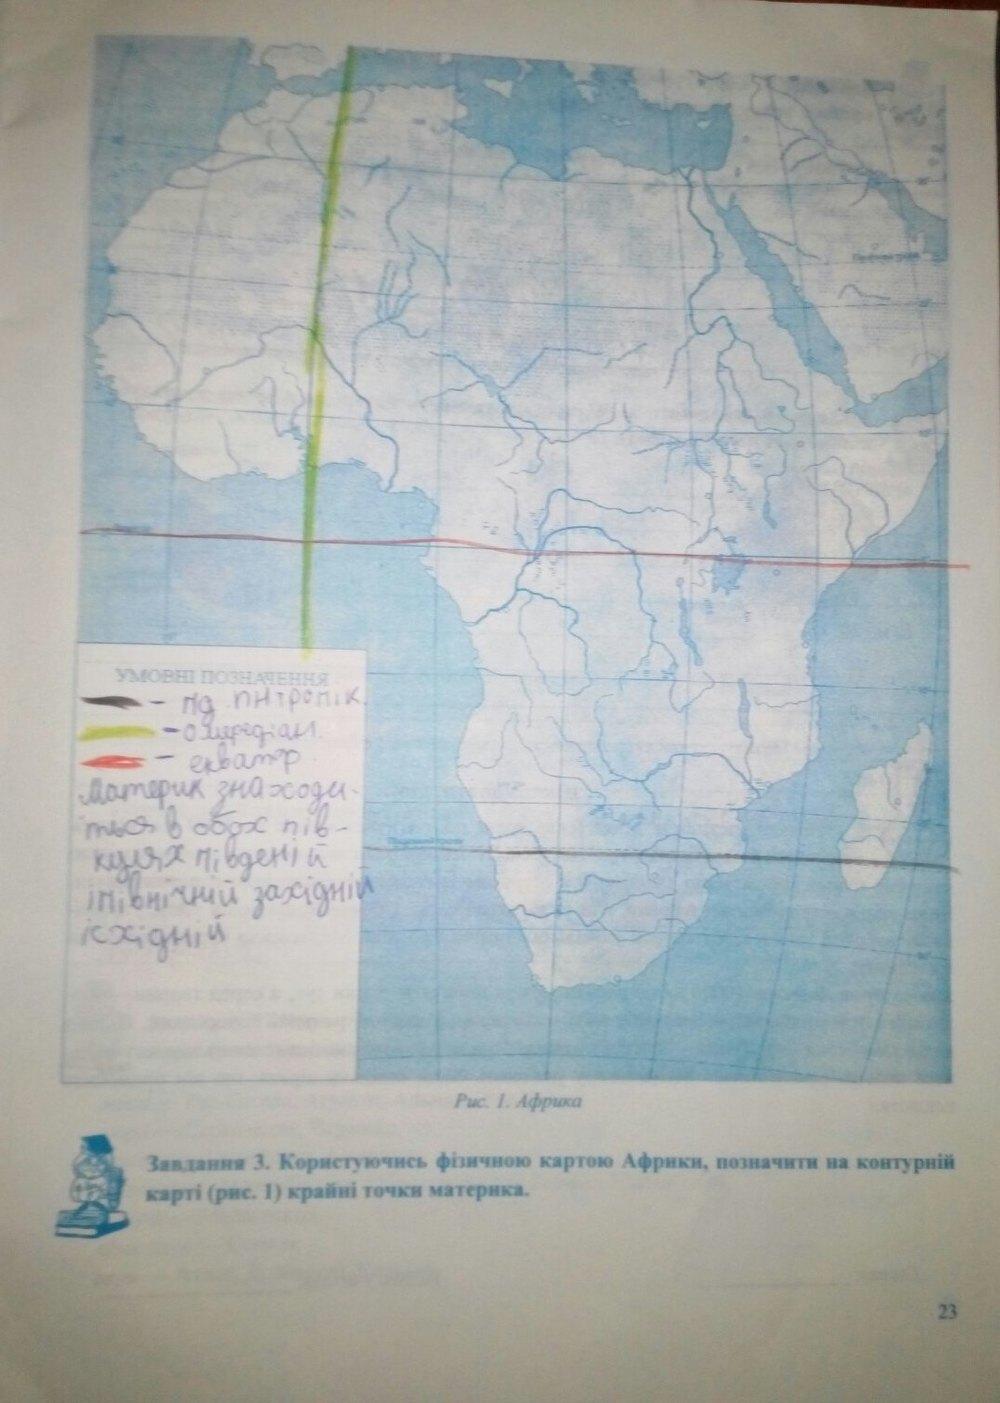 ГДЗ відповіді робочий зошит по географии 7 класс Варакута О., Швець Є.. Задание: стр. 23